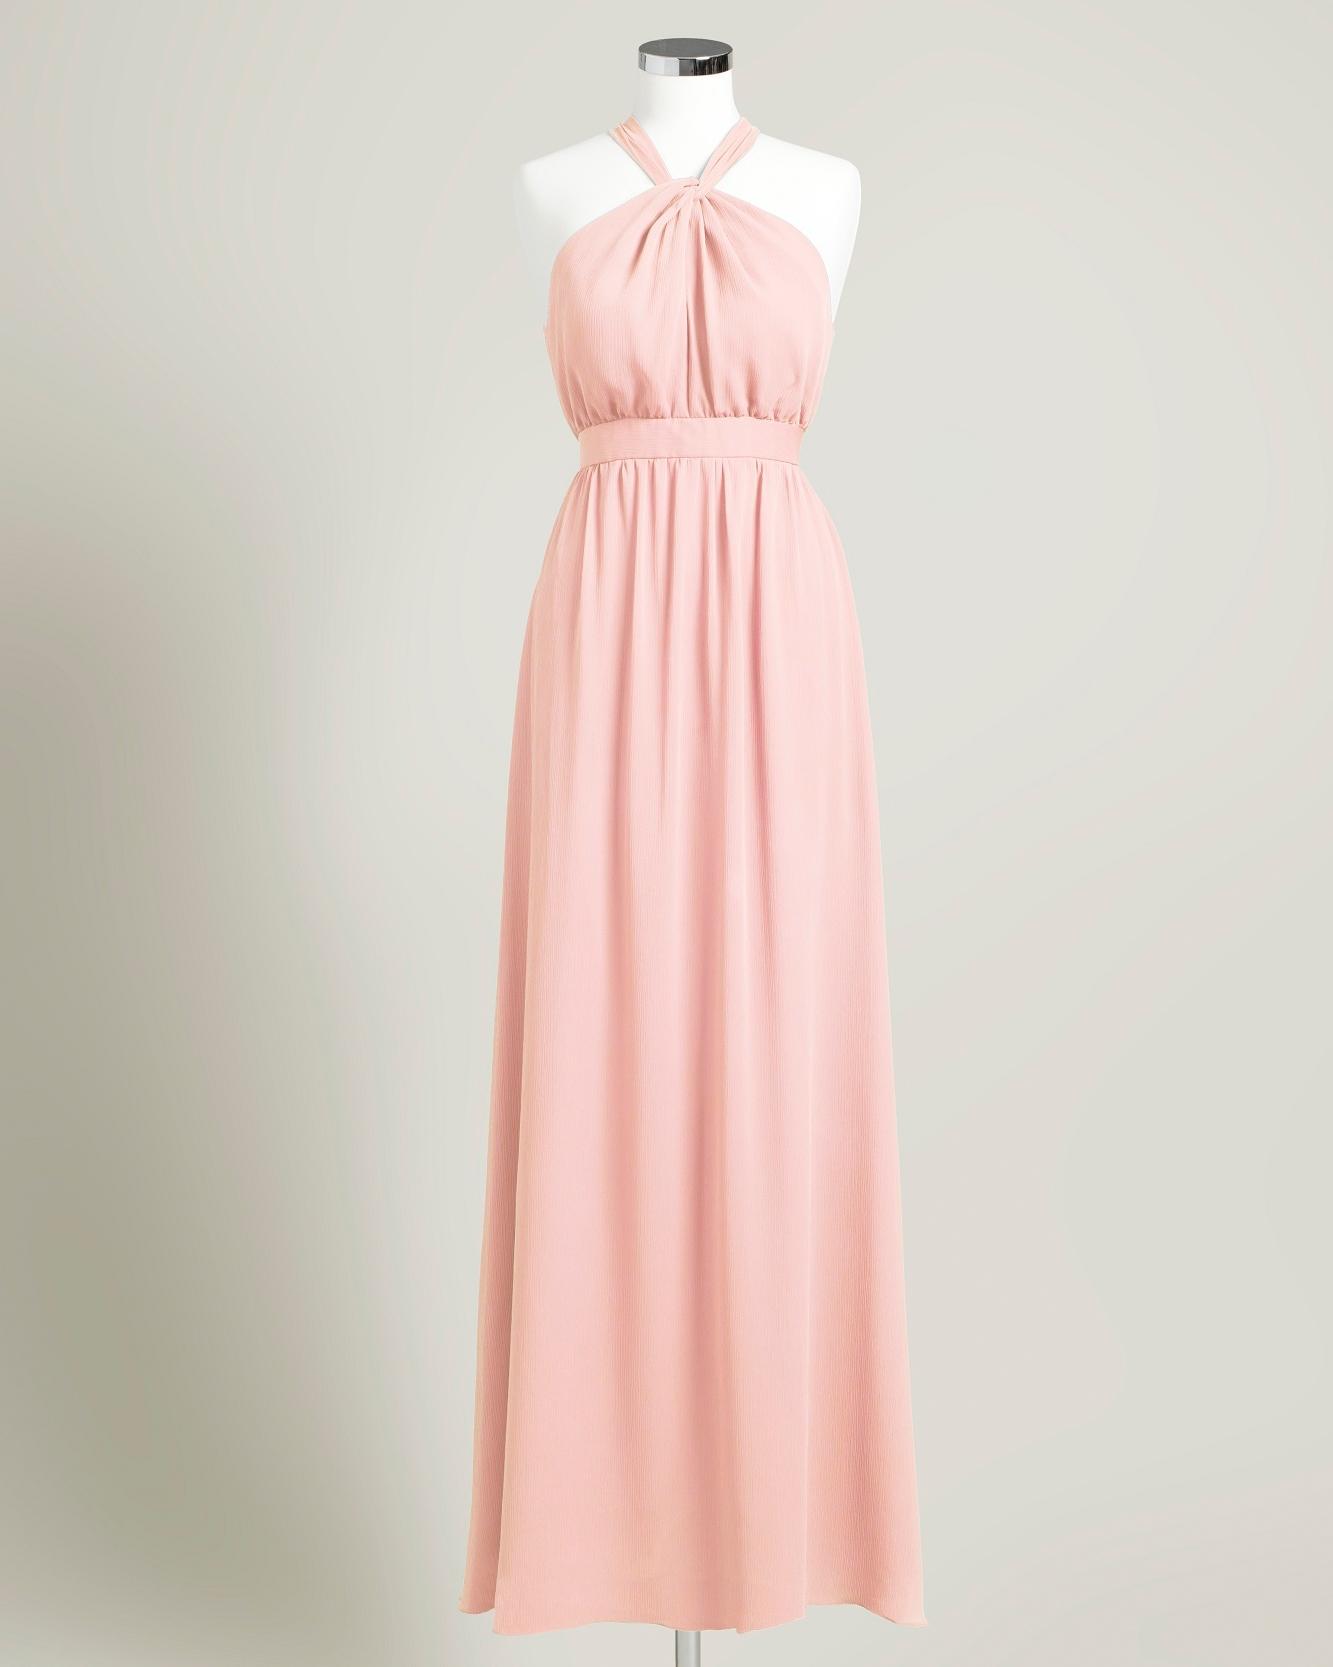 online-rental-wear-companies-little-borrowed-dress-kate-powder-0415.jpg